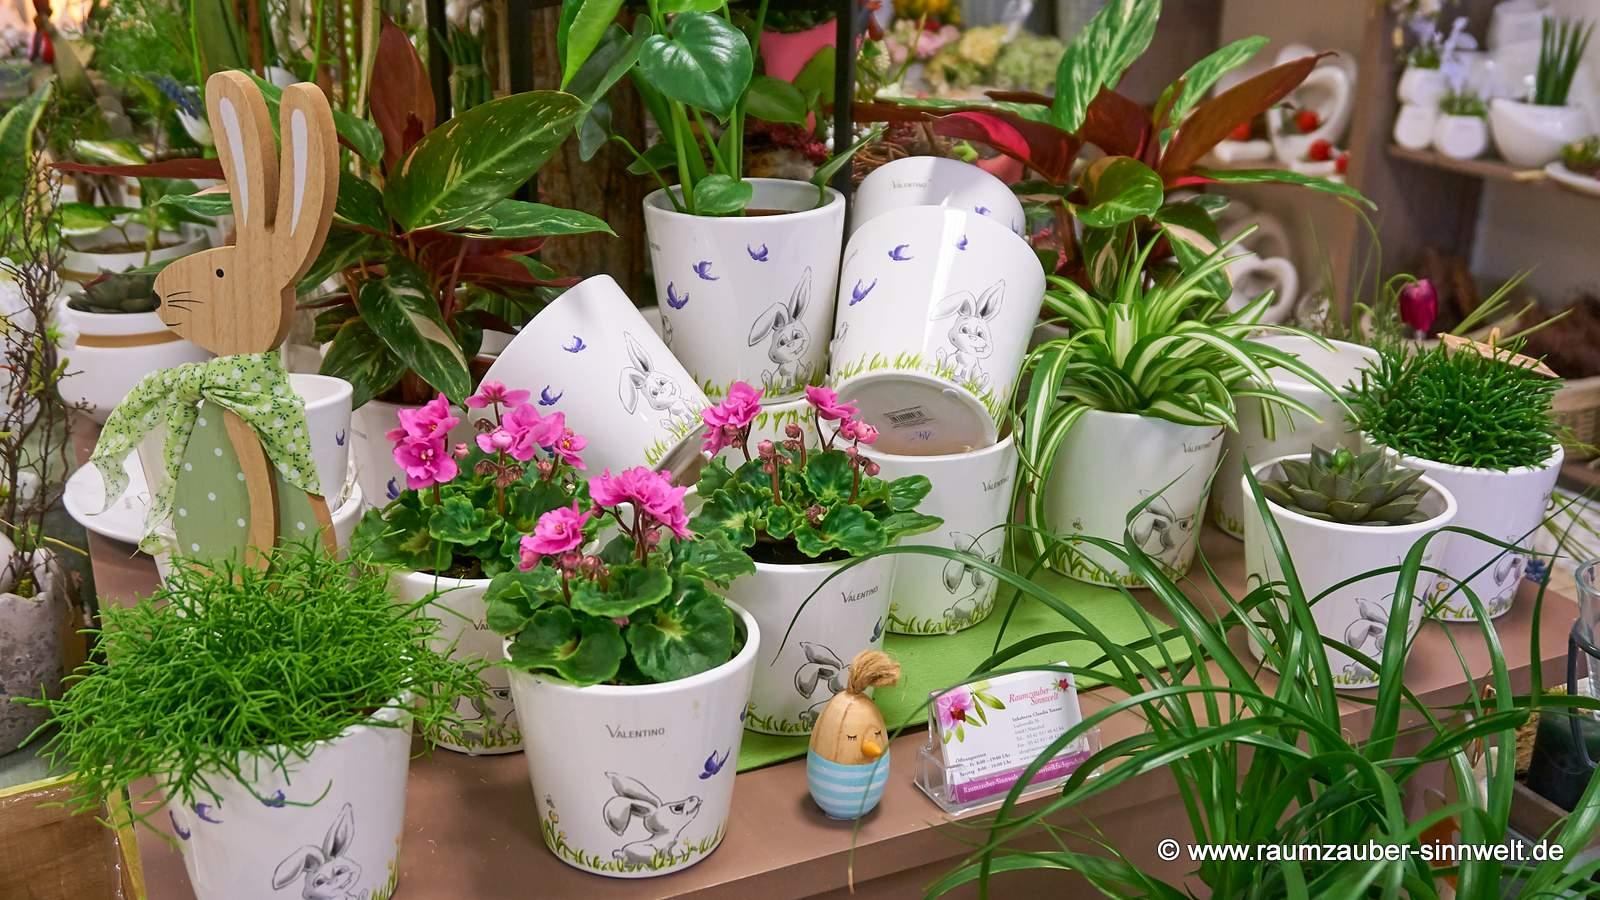 VALENTINO Pflanzkübel Ramona-Living mit Pflanzen dekoriert.